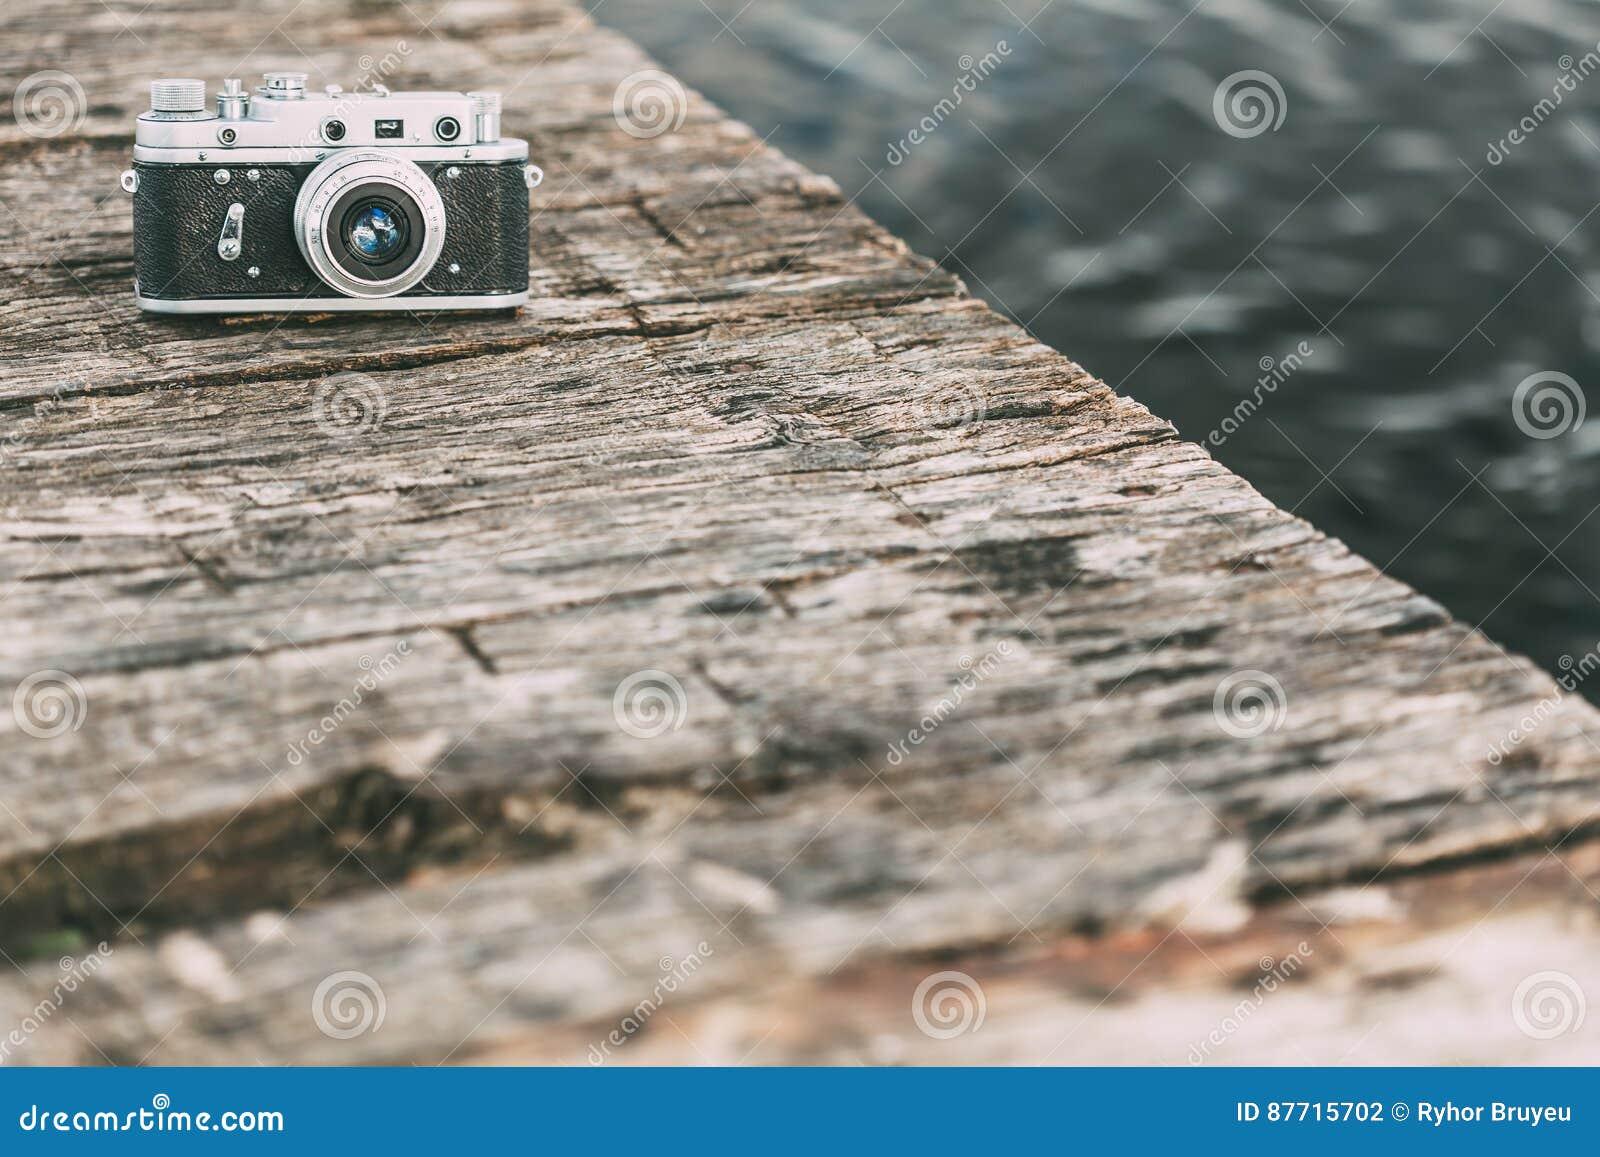 Mm weinlese alte retro klein format entfernungsmesser kamera